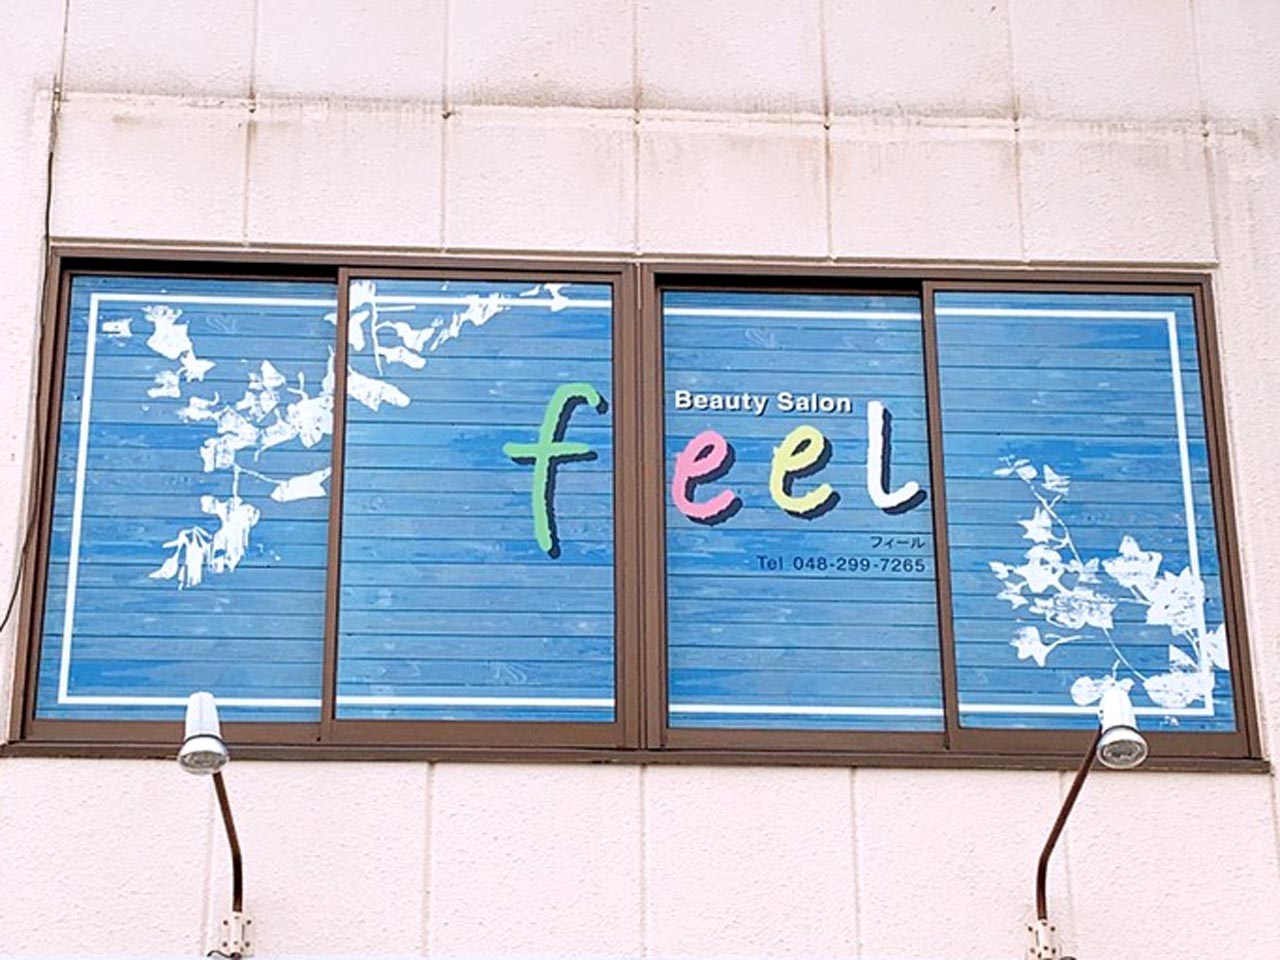 ネイルサロン feel(フィール)のアルバイト情報